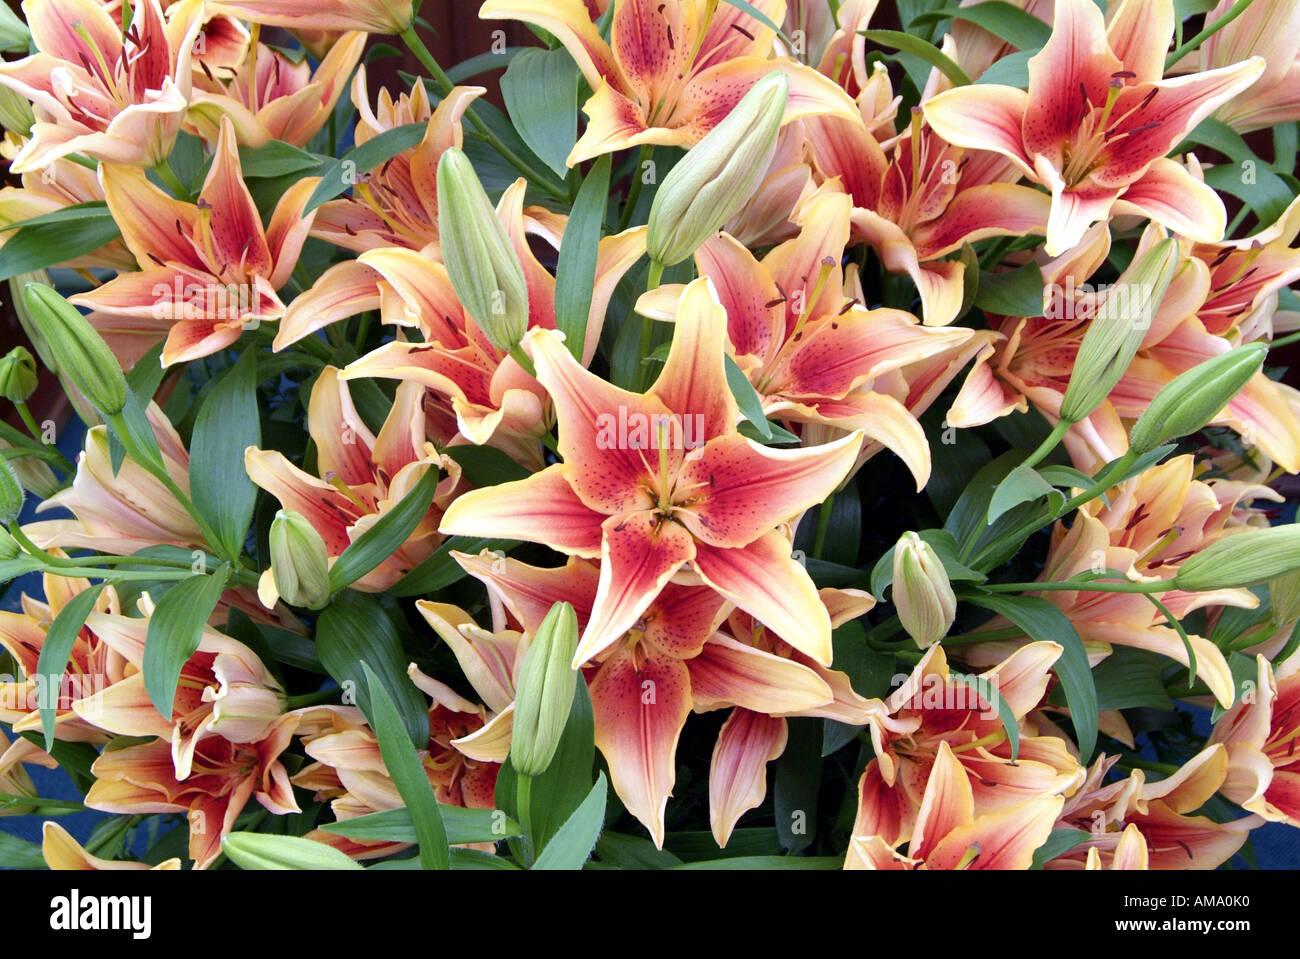 Lily orange rouge fleur jardin plante genre frontière variété chef bud bunch England UK Royaume-Uni GB Grande-bretagne EU Banque D'Images